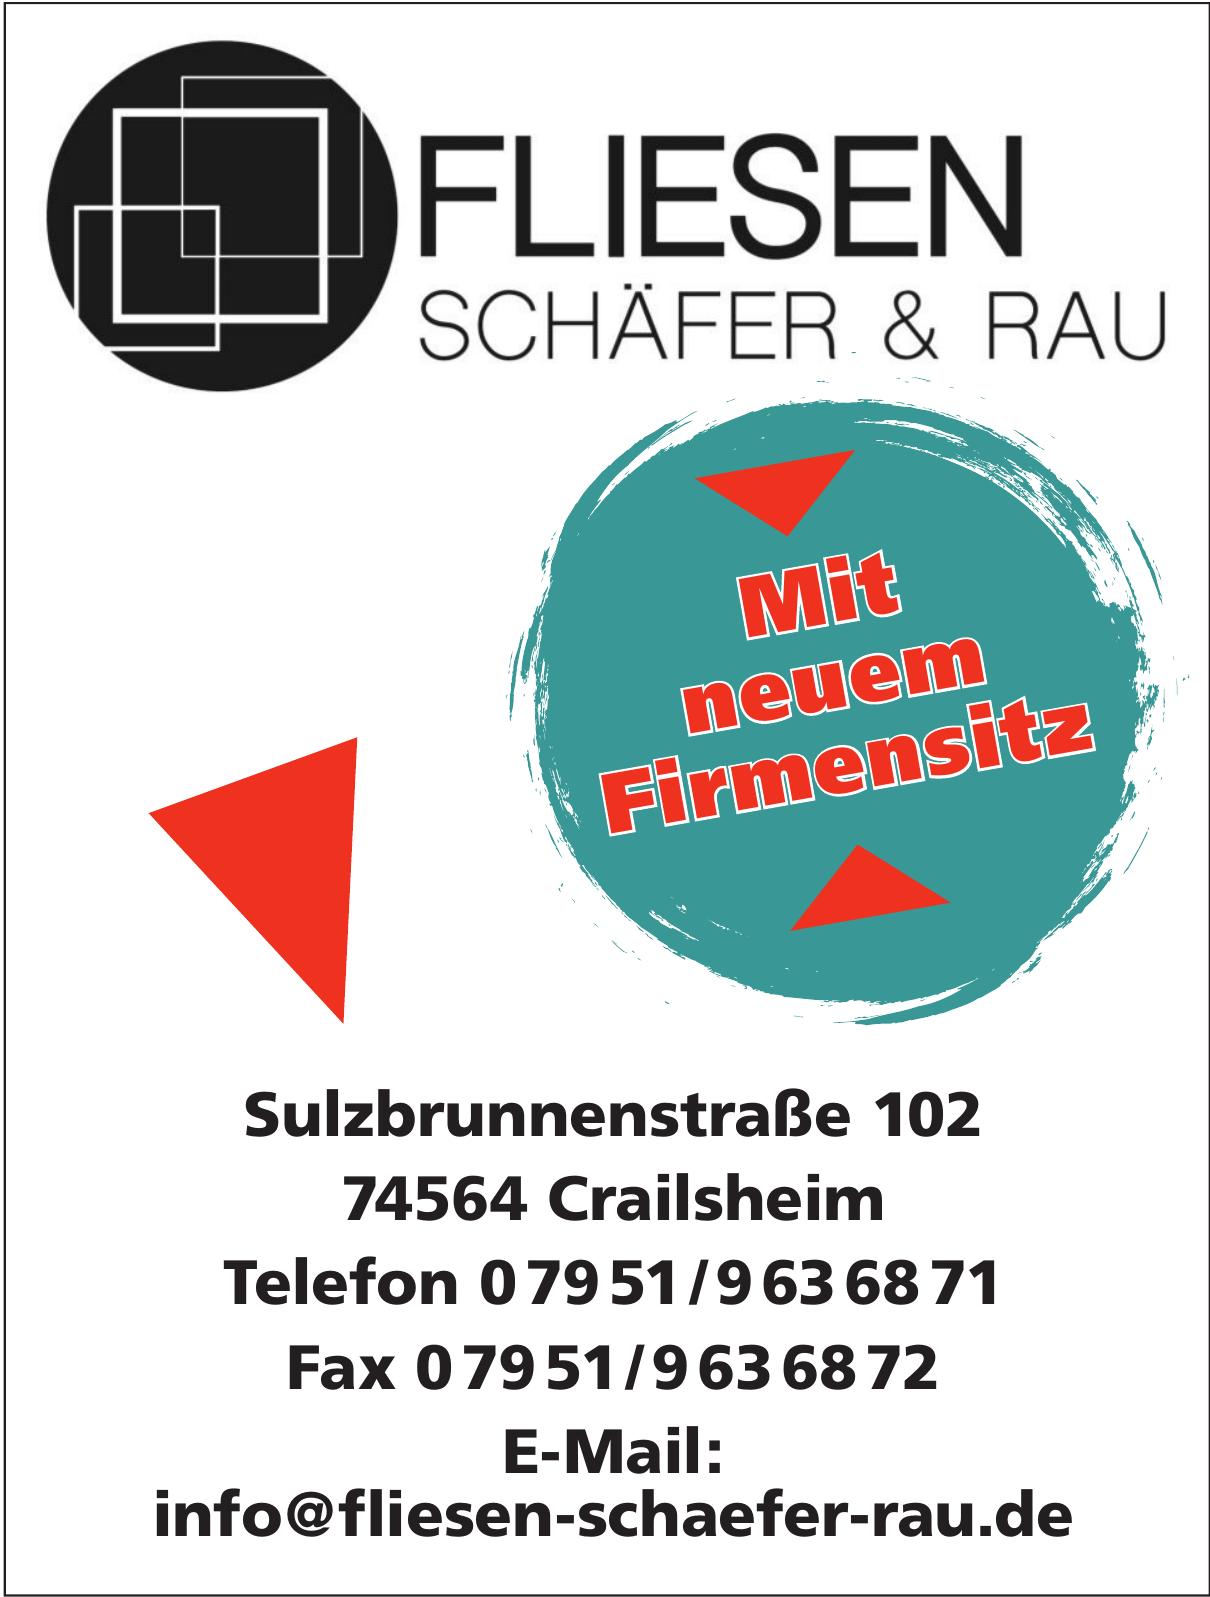 Fliesen Schäfer & Rau GbR